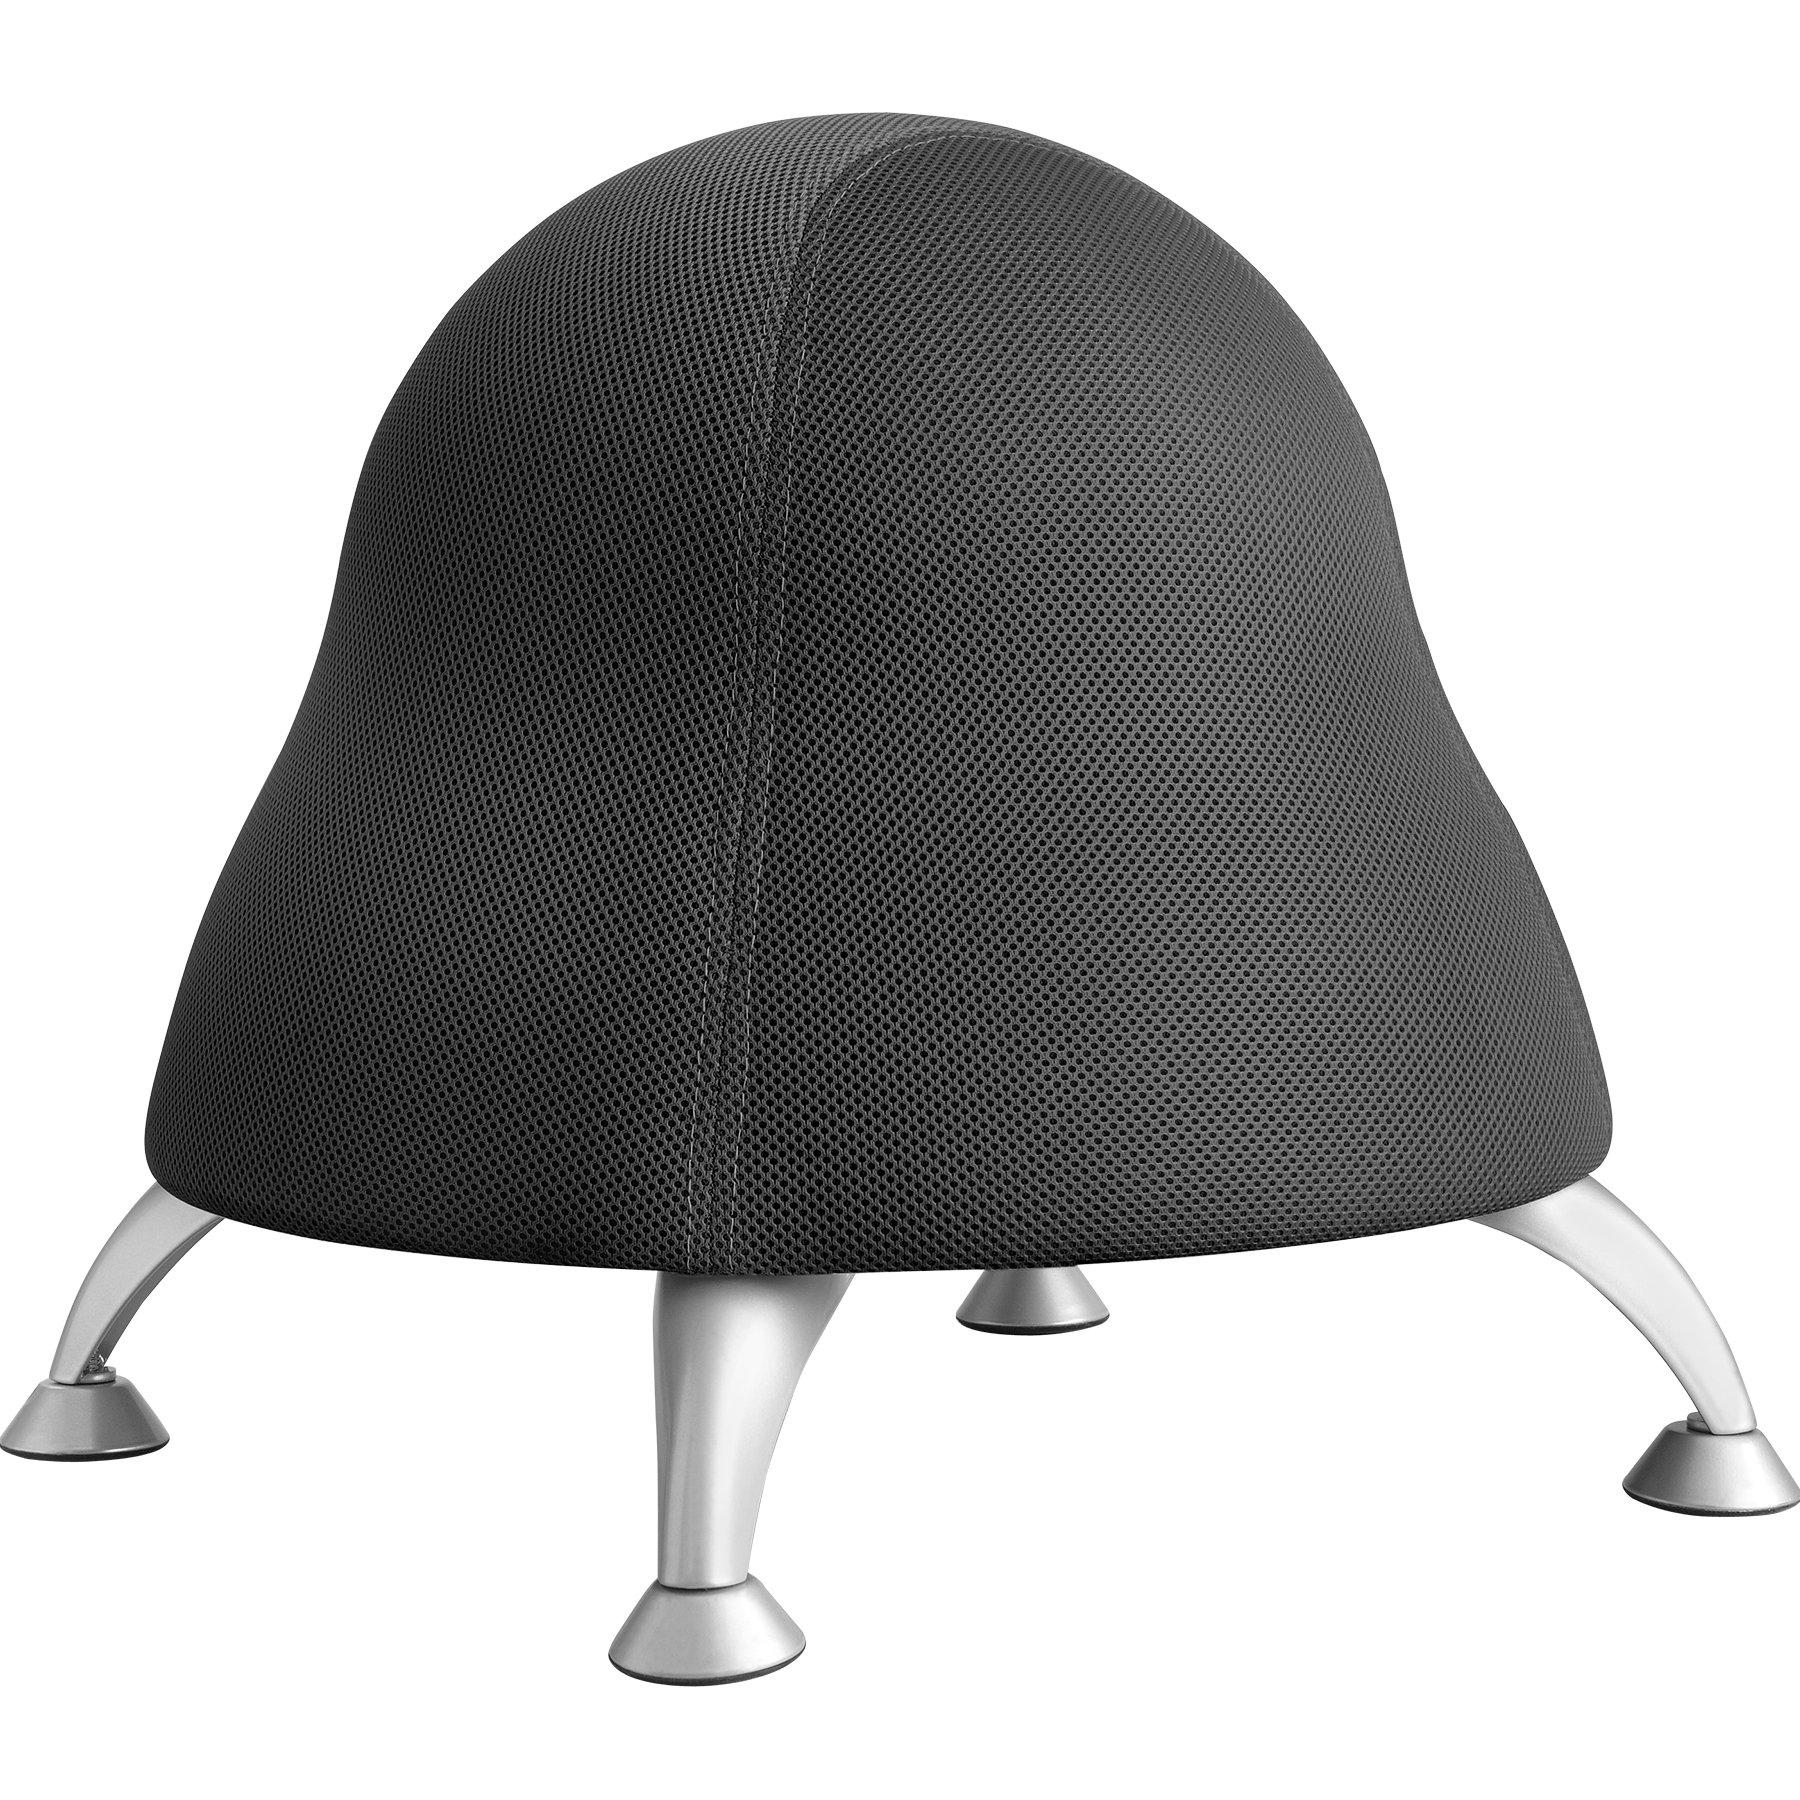 Runtz Ergonomic Children's Balance Ball Chair in Licorice Black Fabric